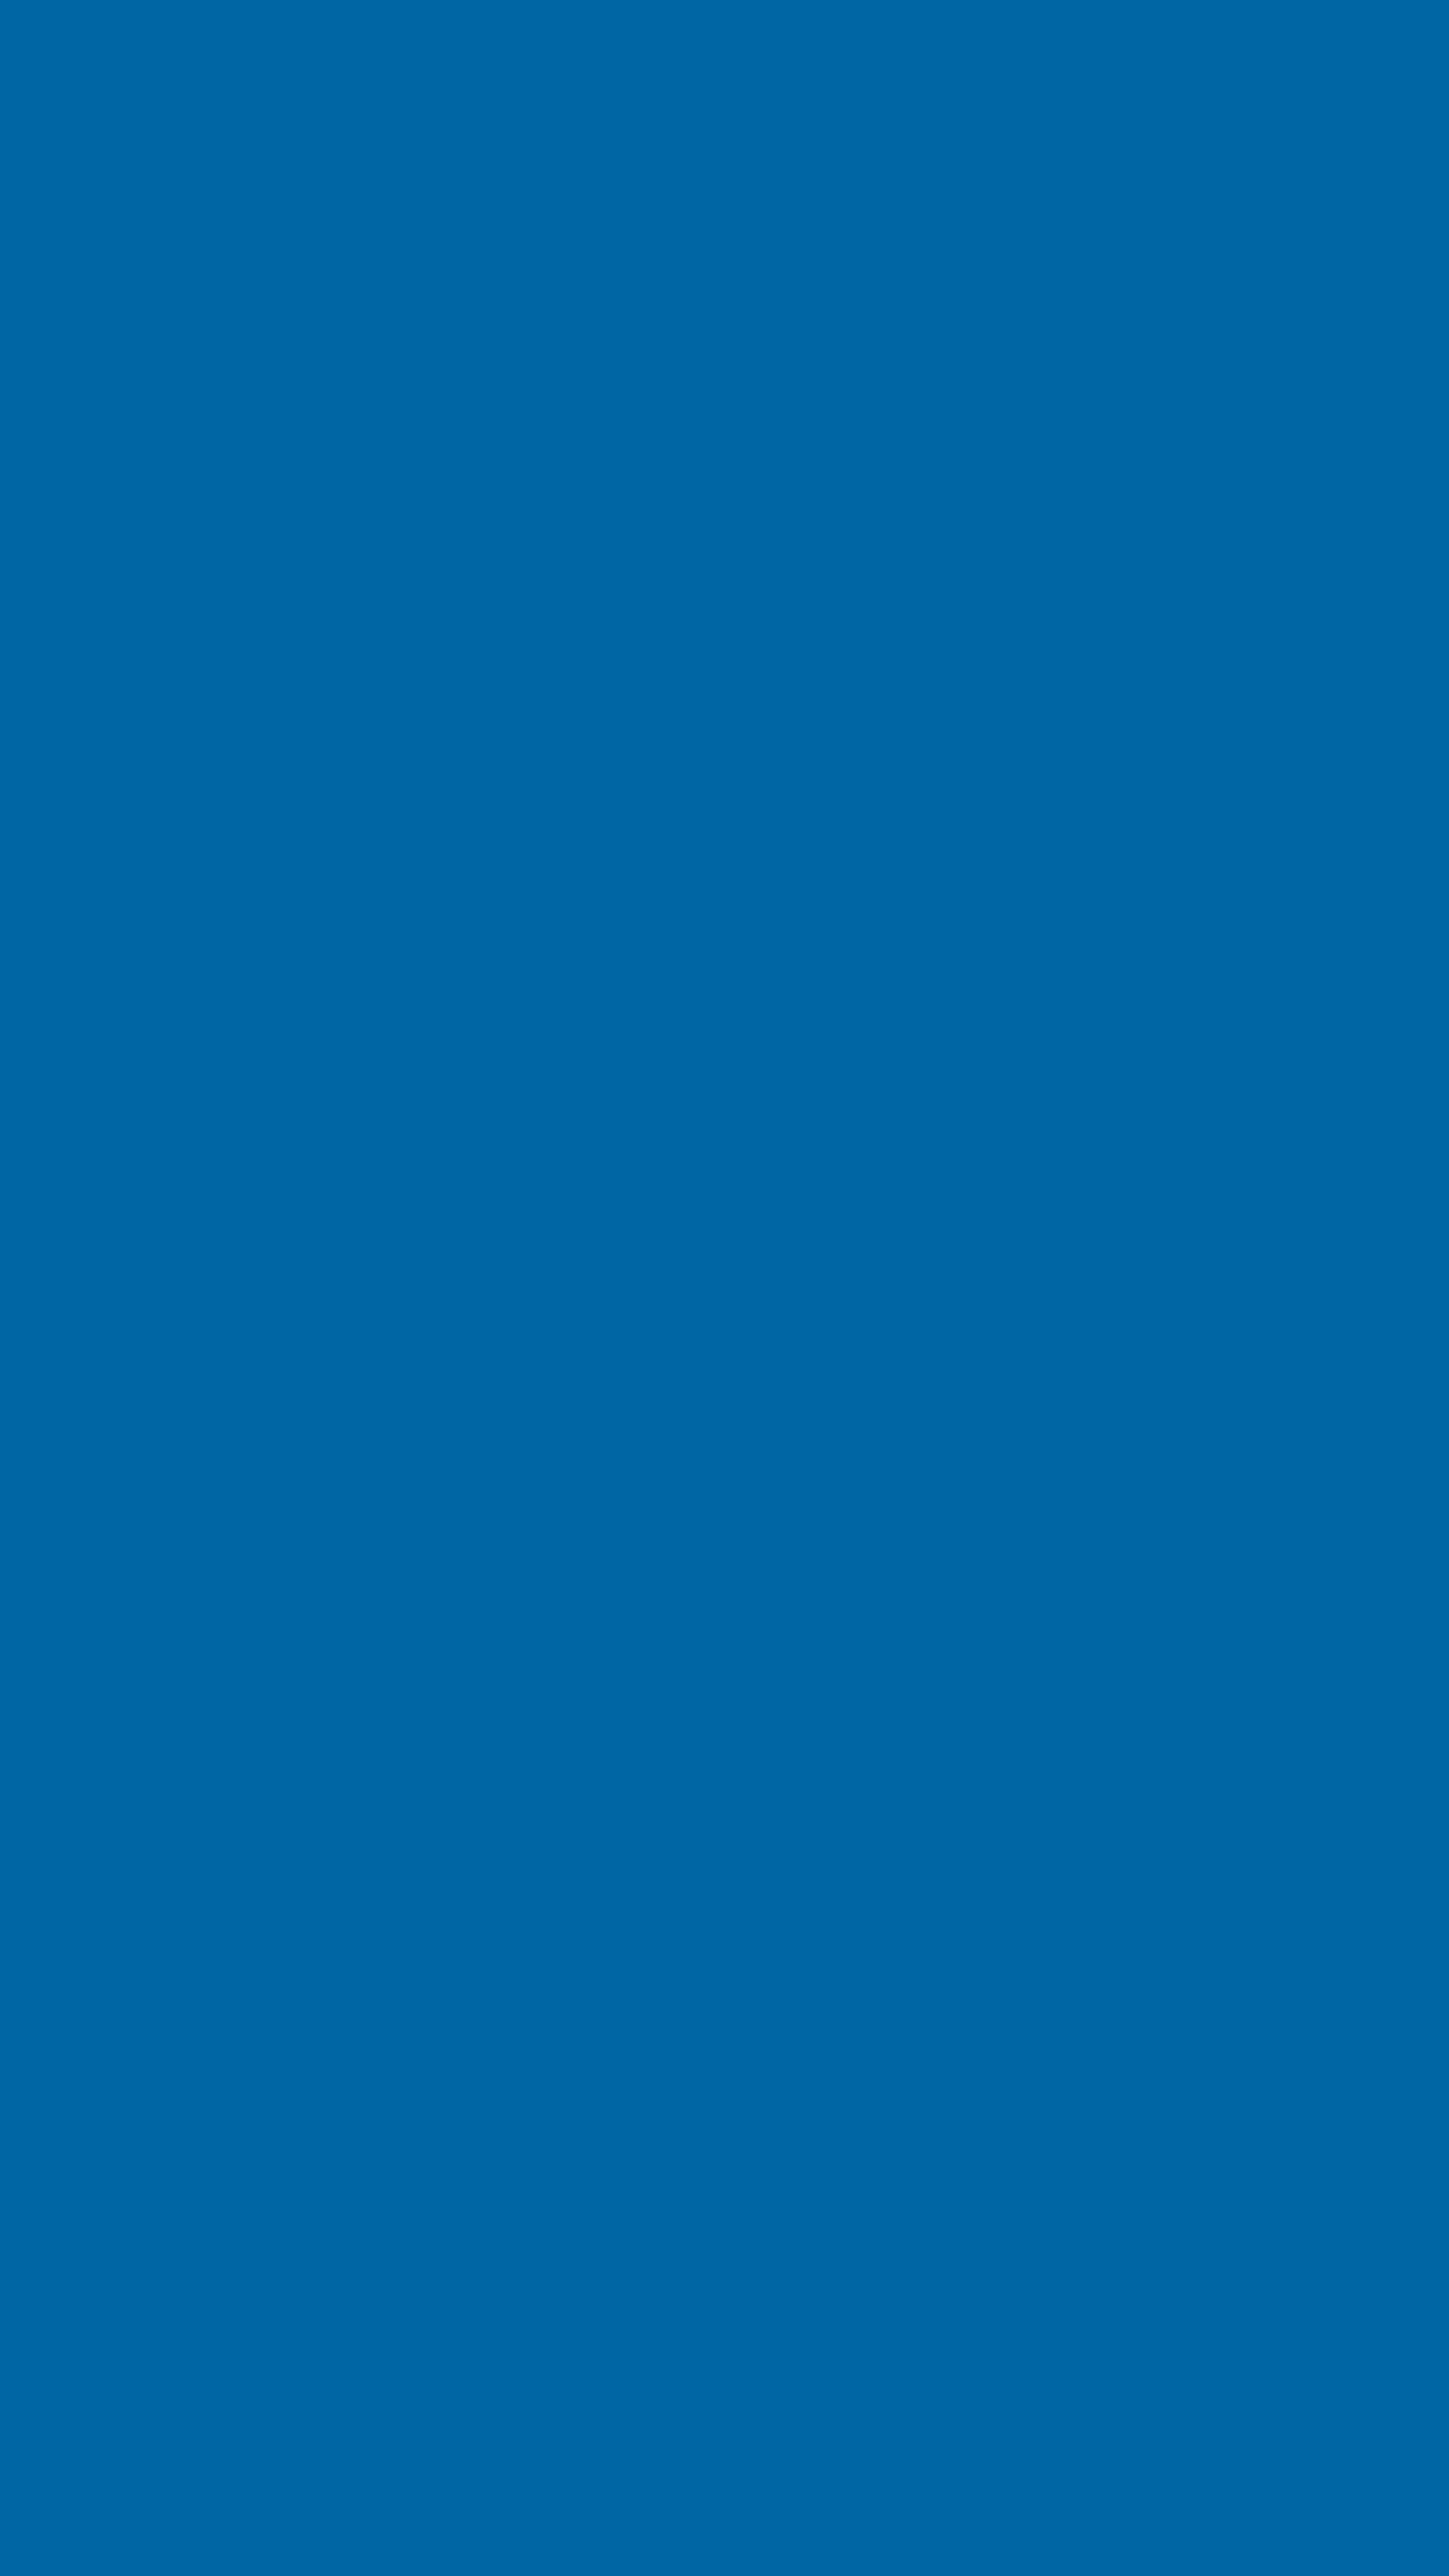 Medium Persian Blue Solid Color